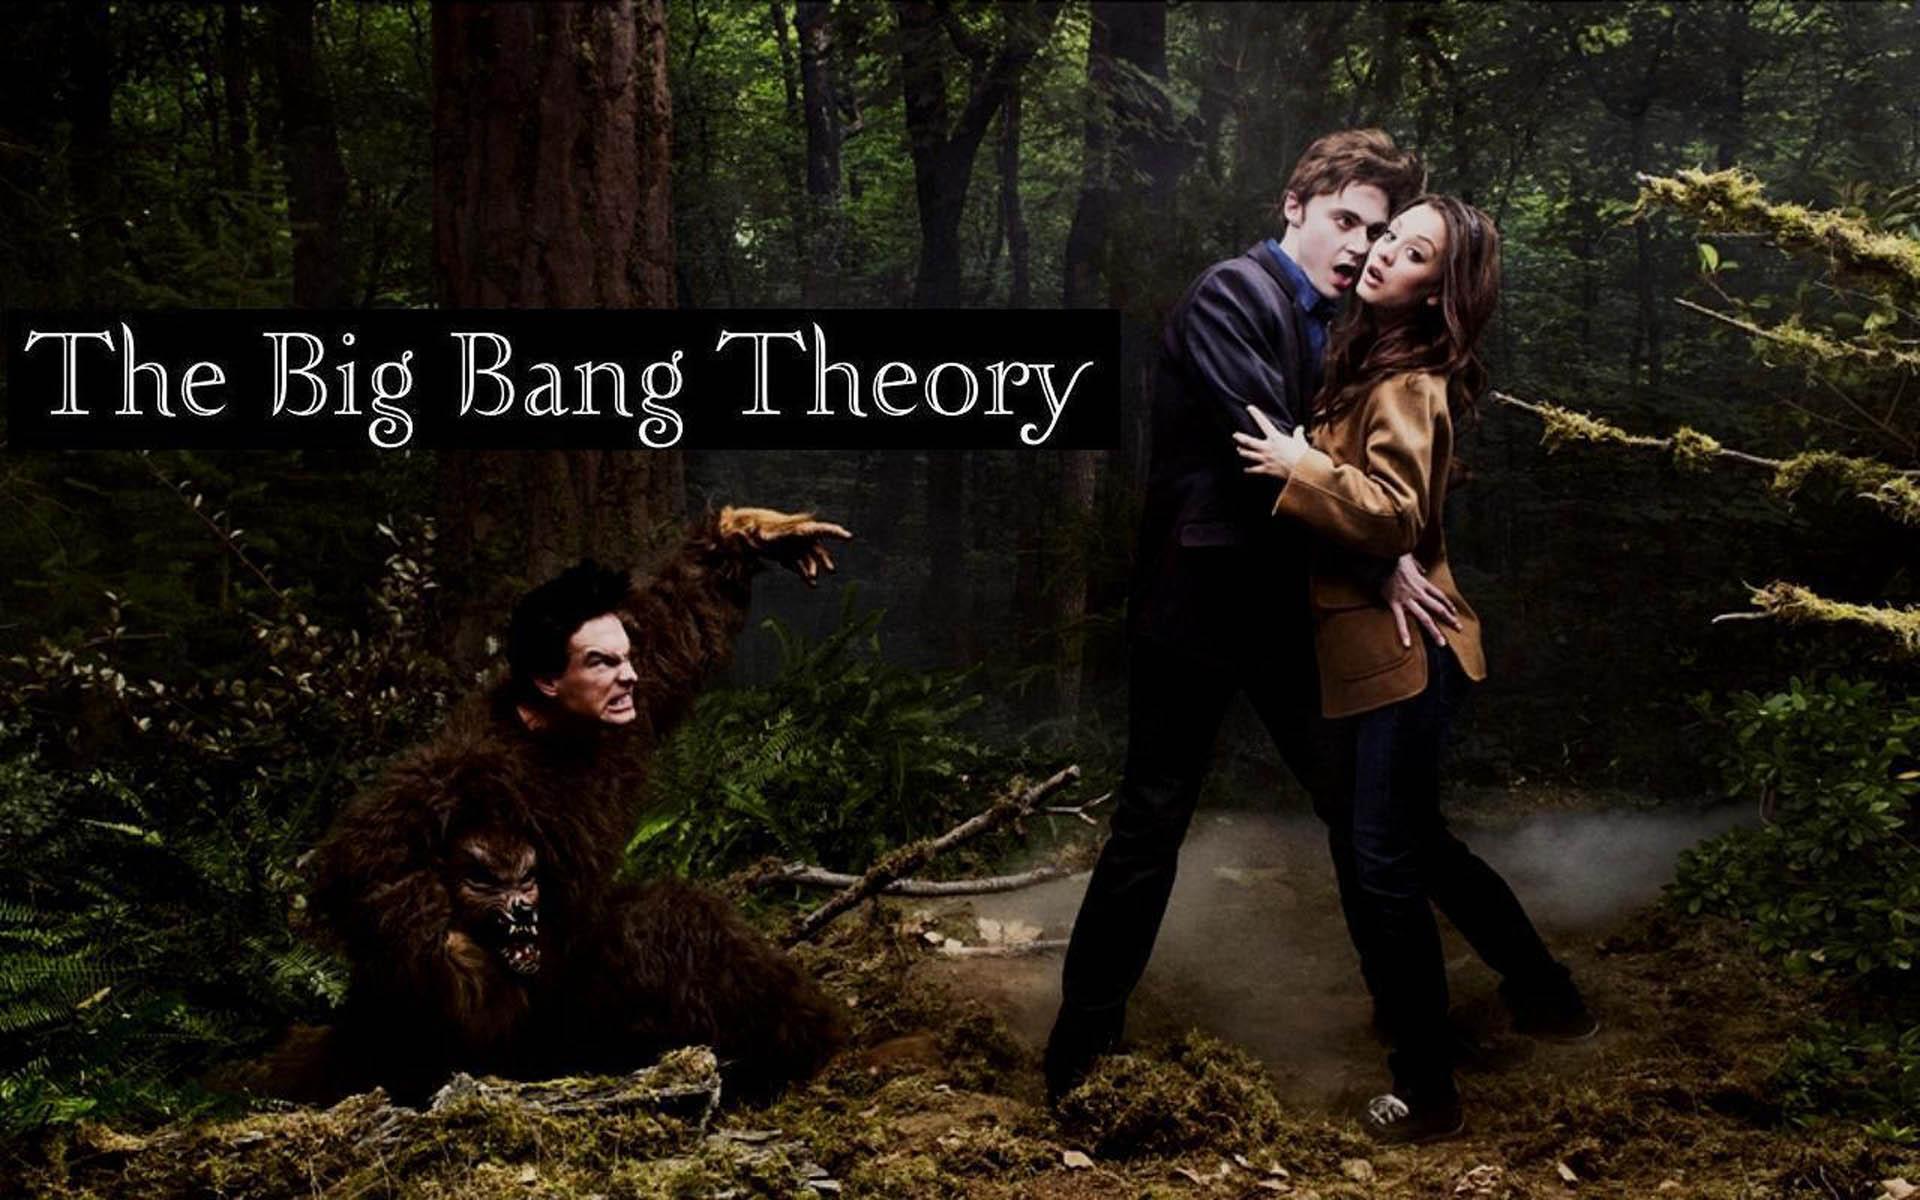 Funny big bang theory pictures 27 pics - The Big Bang Theory Wallpaper